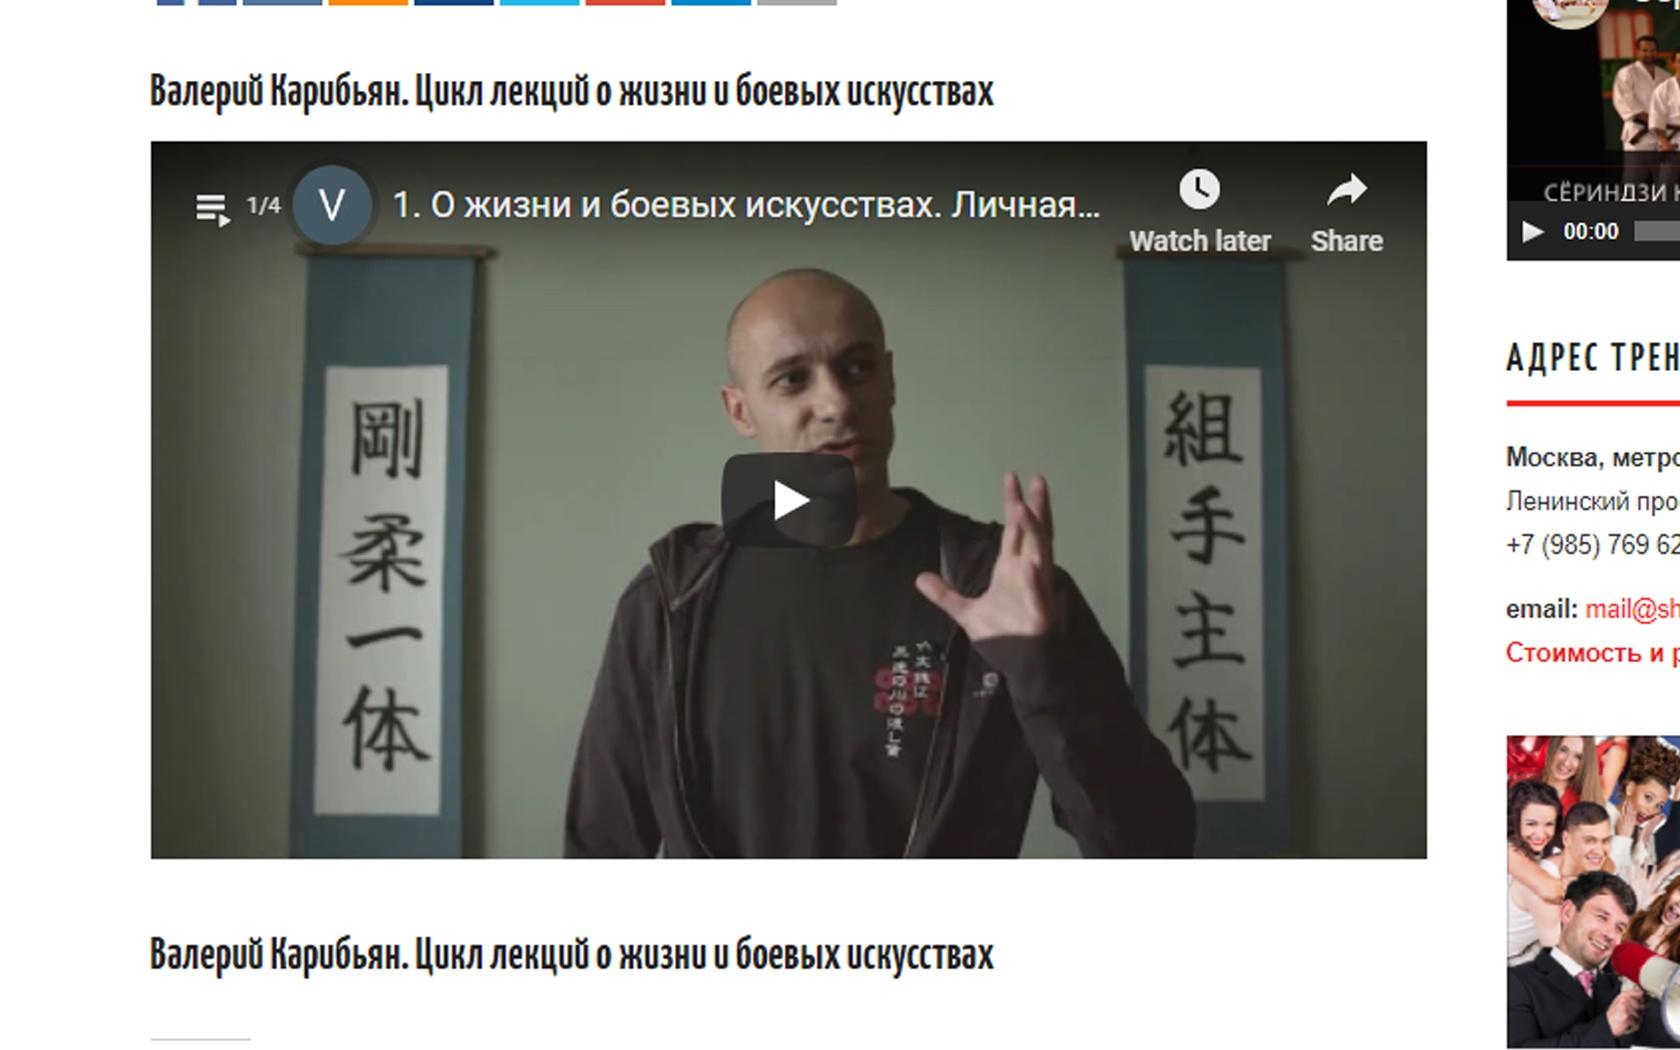 Валерий Карибьян. Цикл лекций о жизни и боевых искусствах